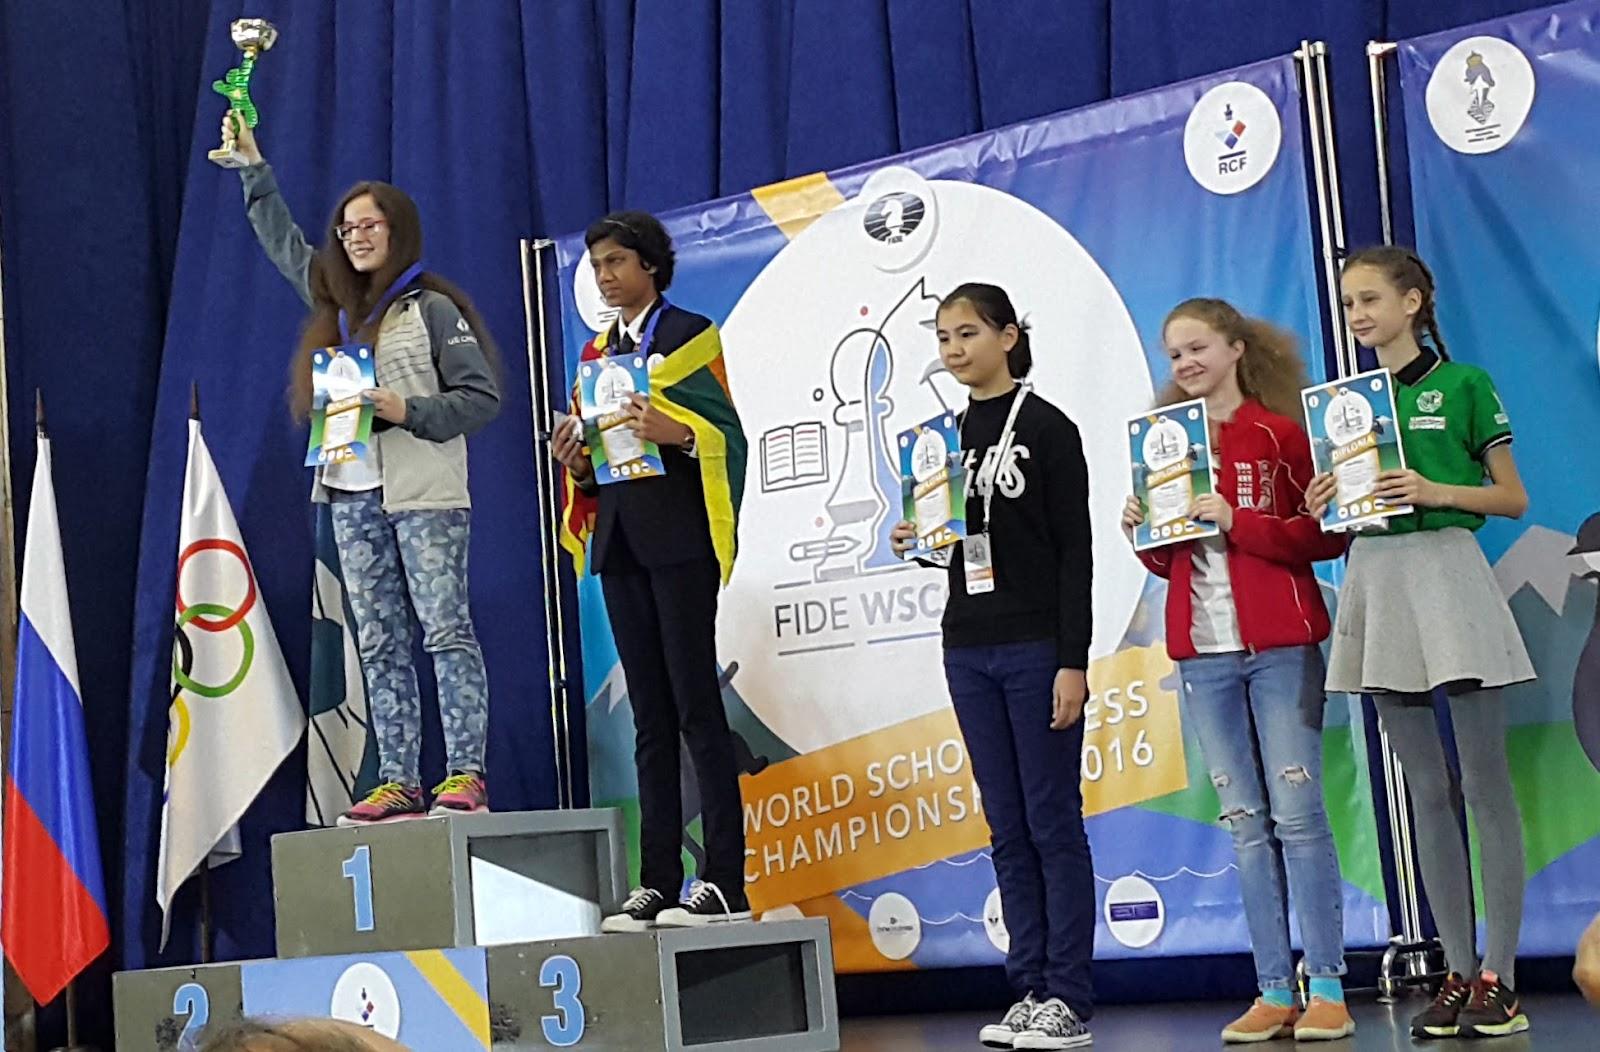 2016-12-11 WSCC GU13 awards 1-6, Naomi first.jpg